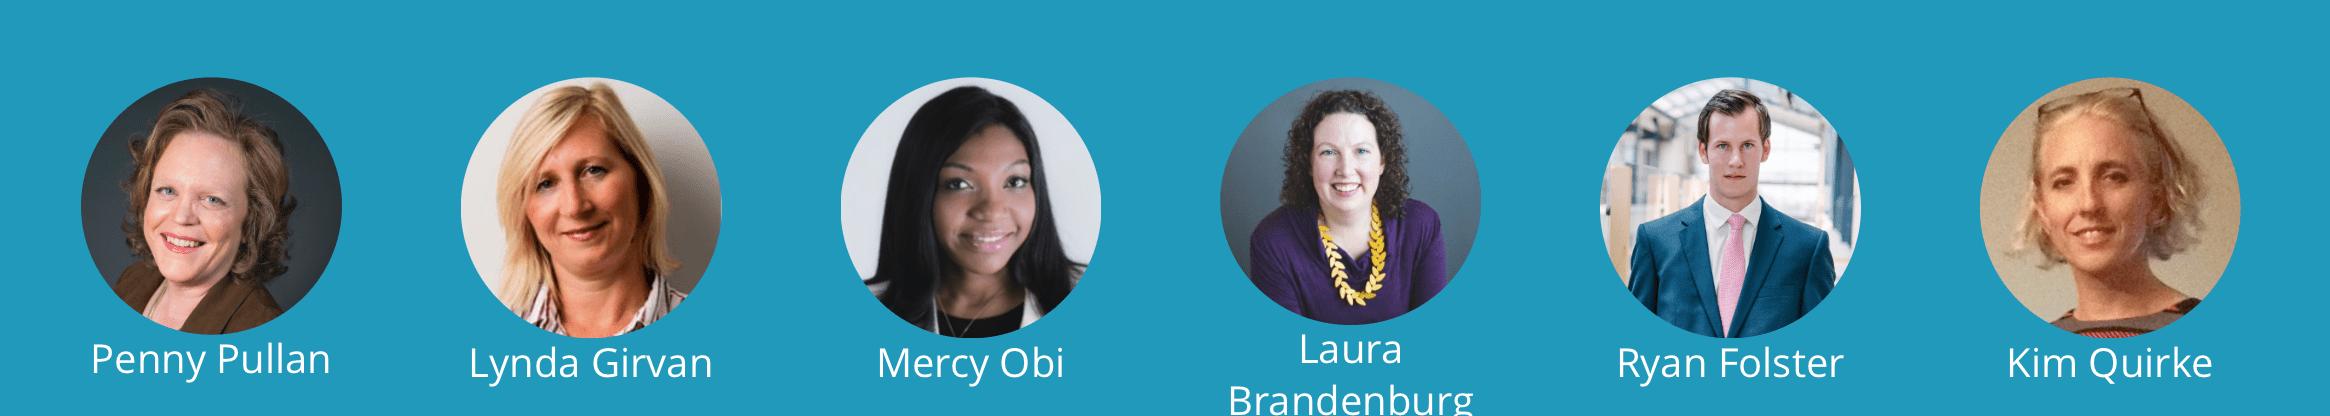 BA Summit 2017 Speakers